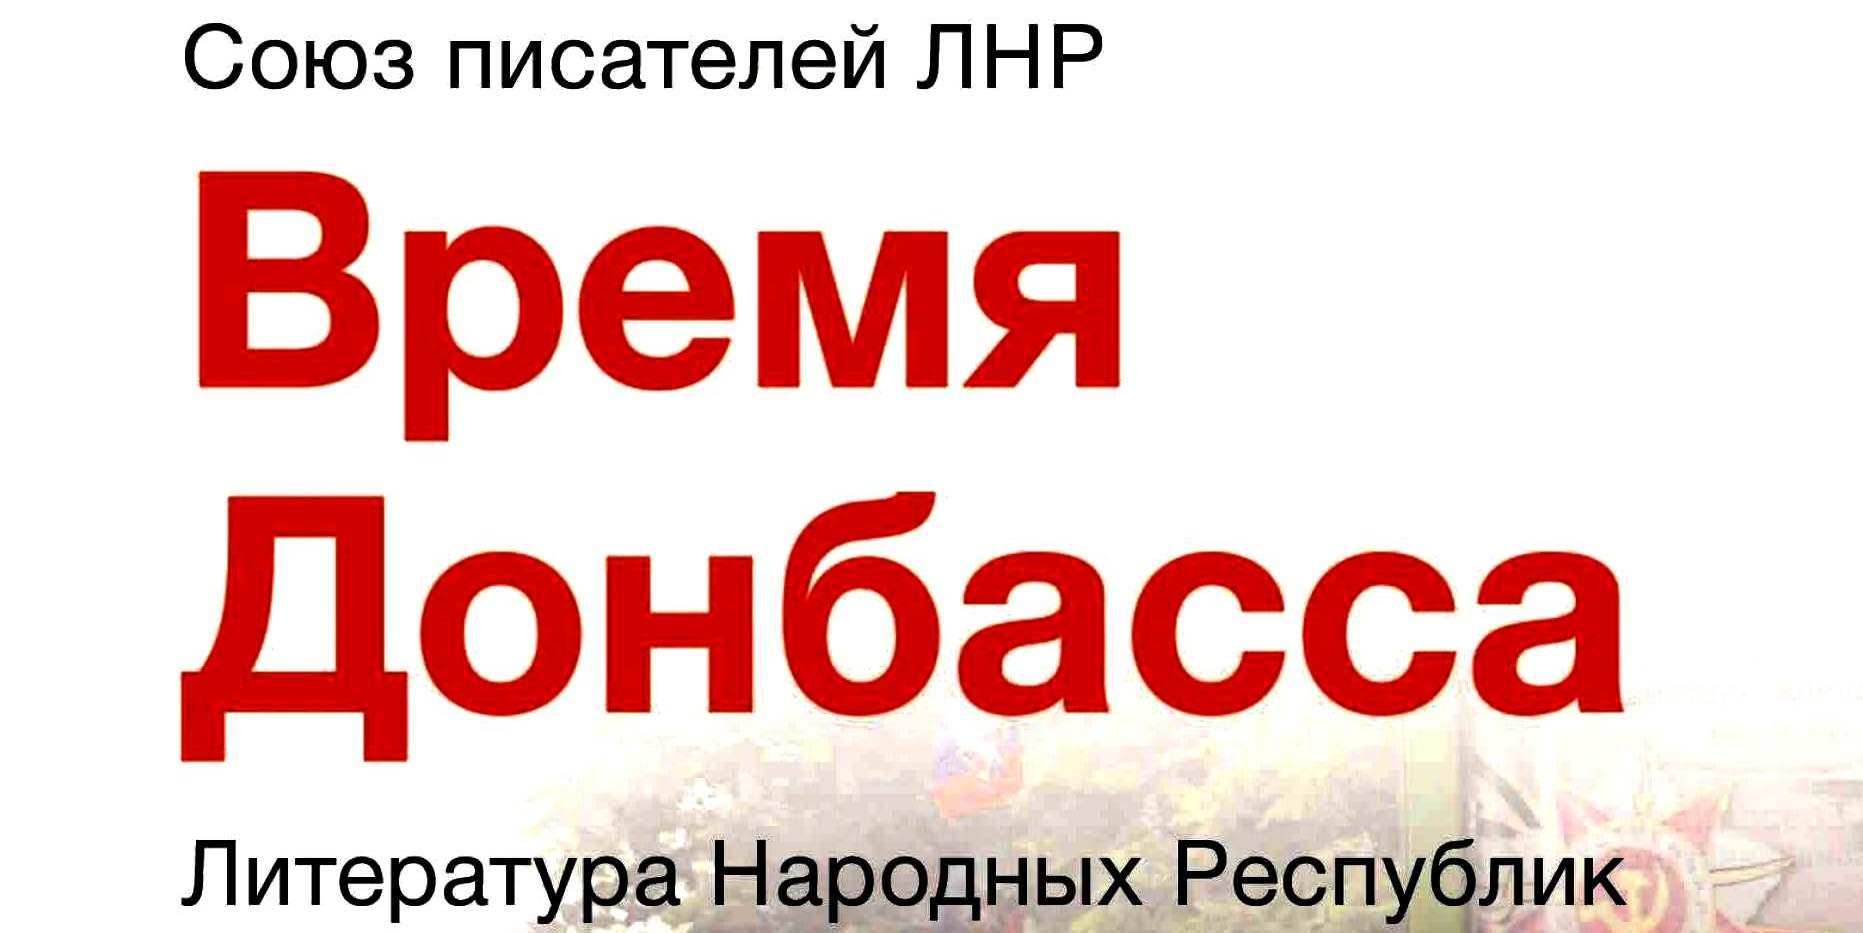 Сборник СП ЛНР Время Донбасса